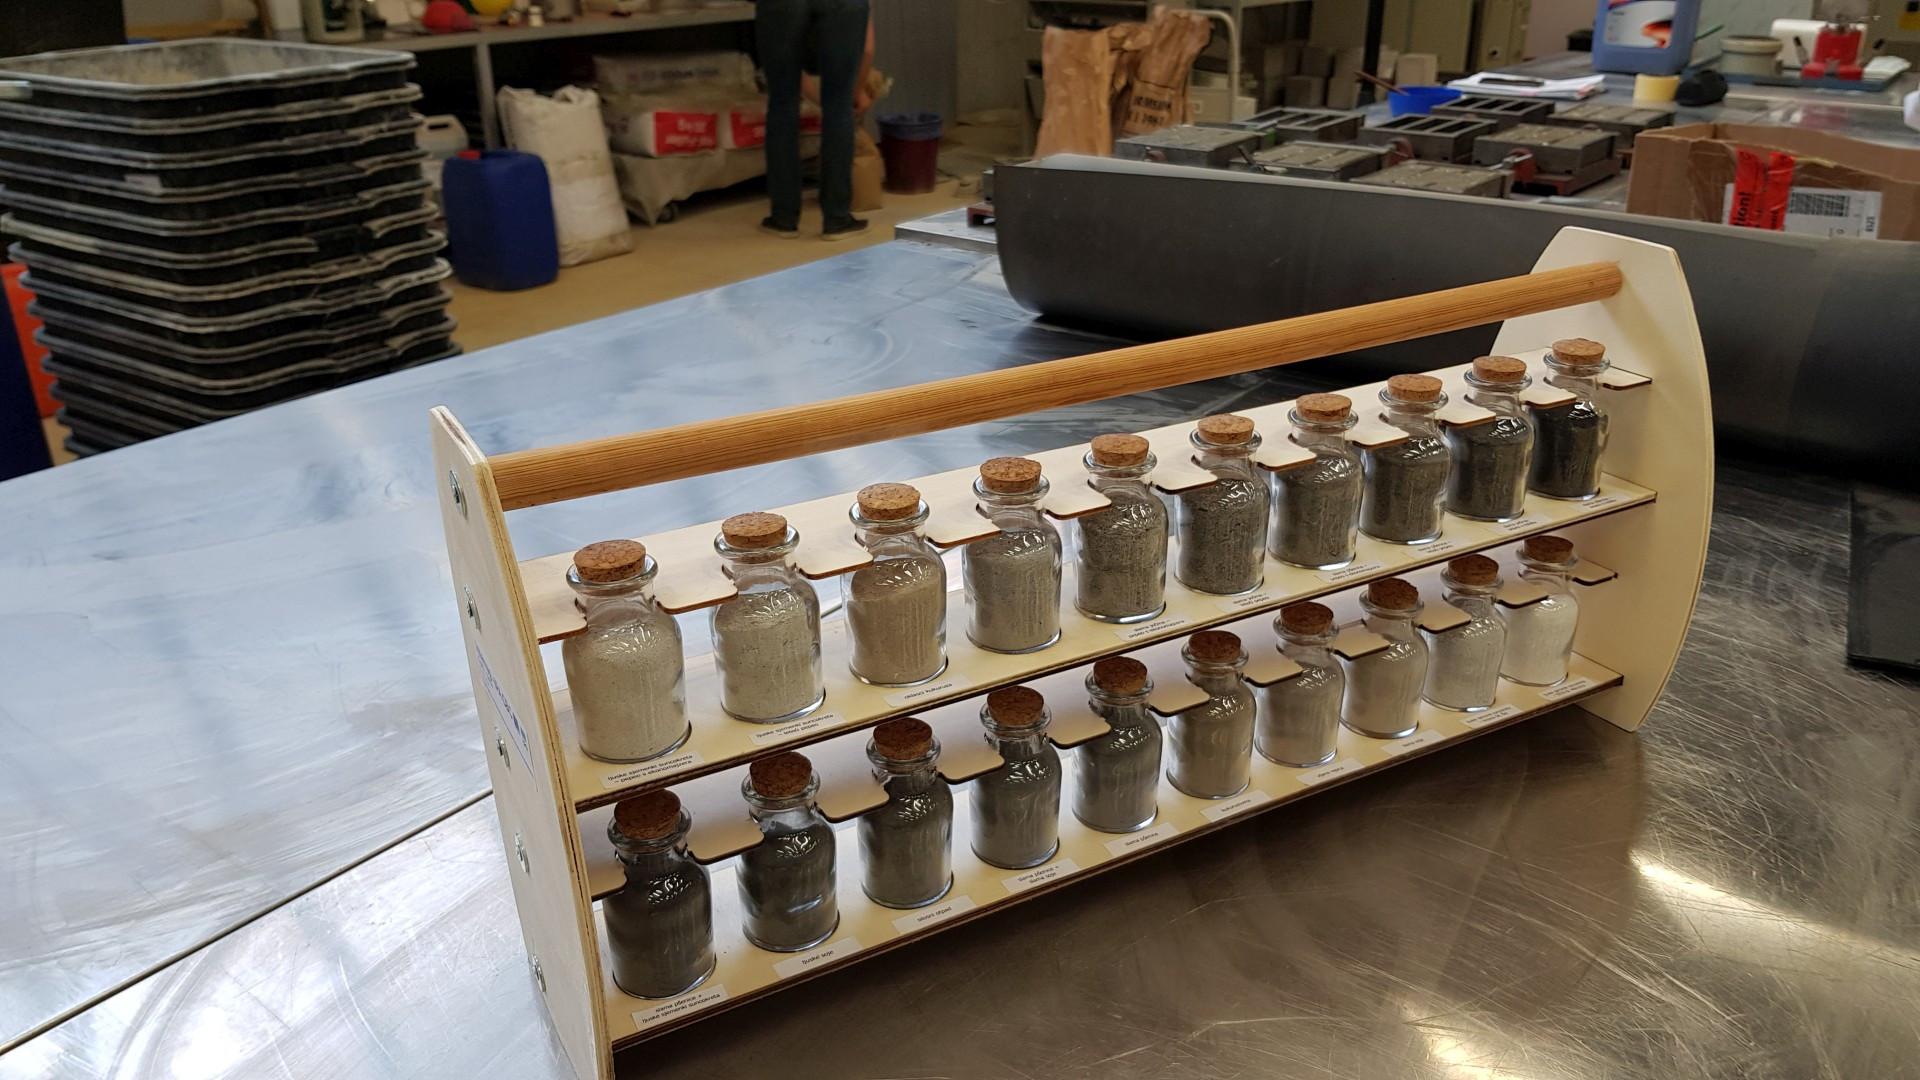 Zajedničko istraživanje pepela biomase kao mogućeg građevinskog materijala